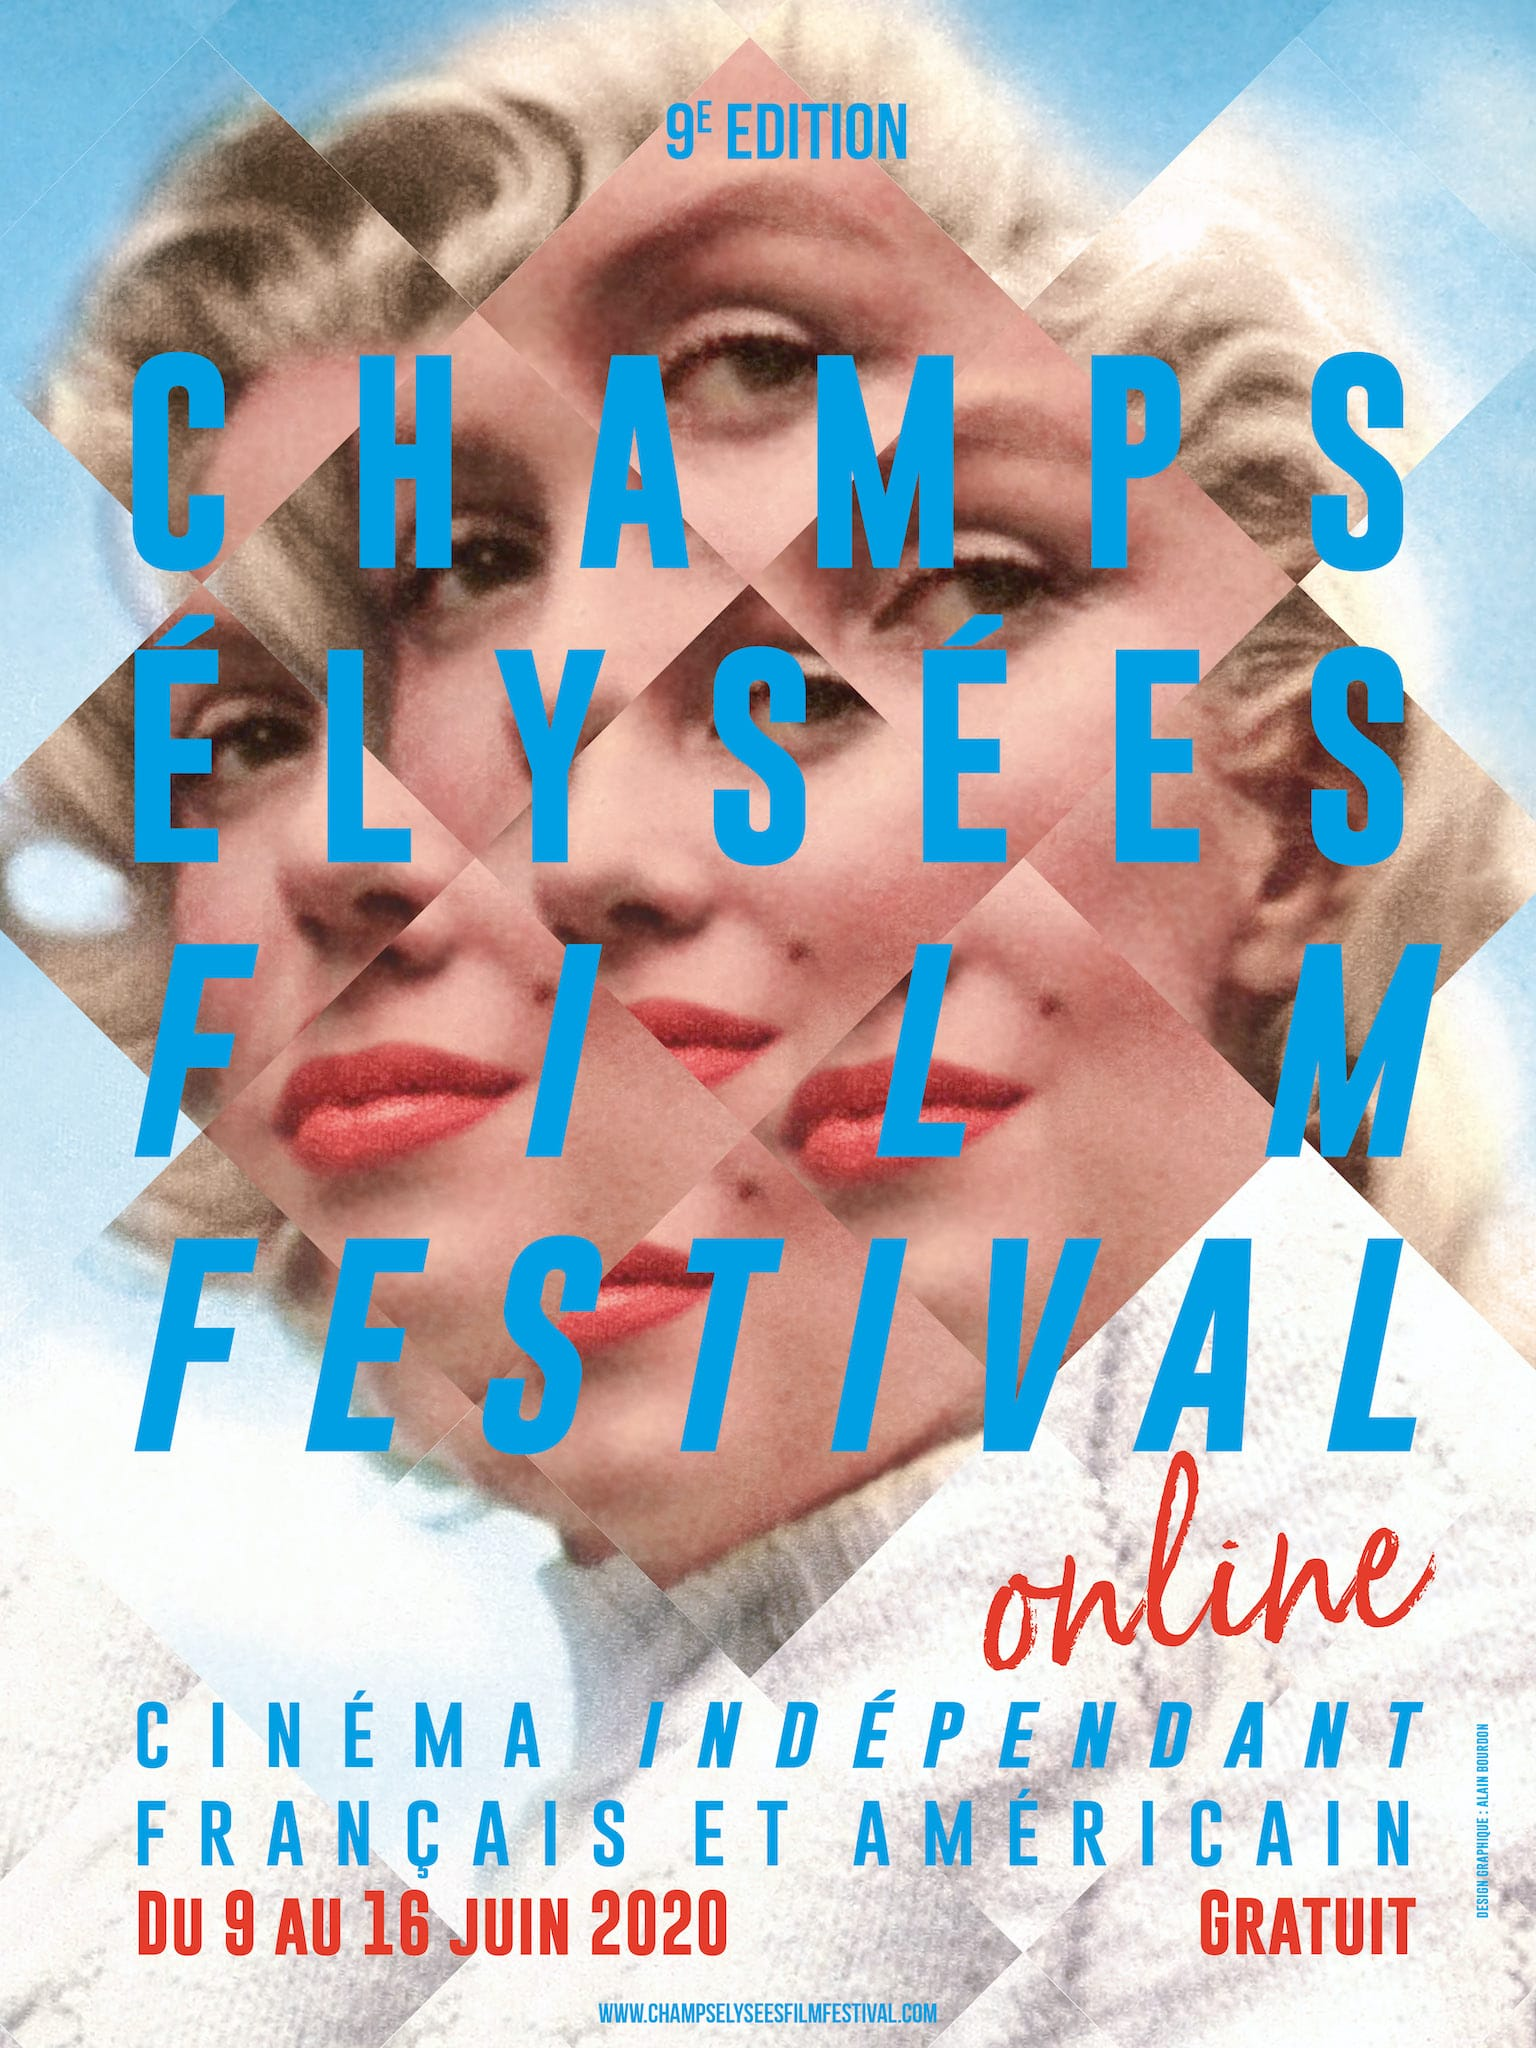 Champs-Élysées Film Festival 2020 online affiche cinéma